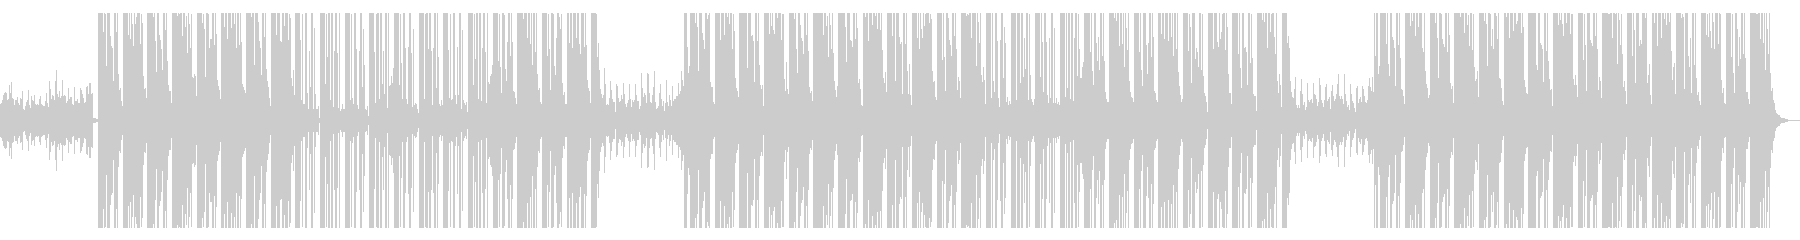 ハードでタフなヒップホップビートの未再生の波形